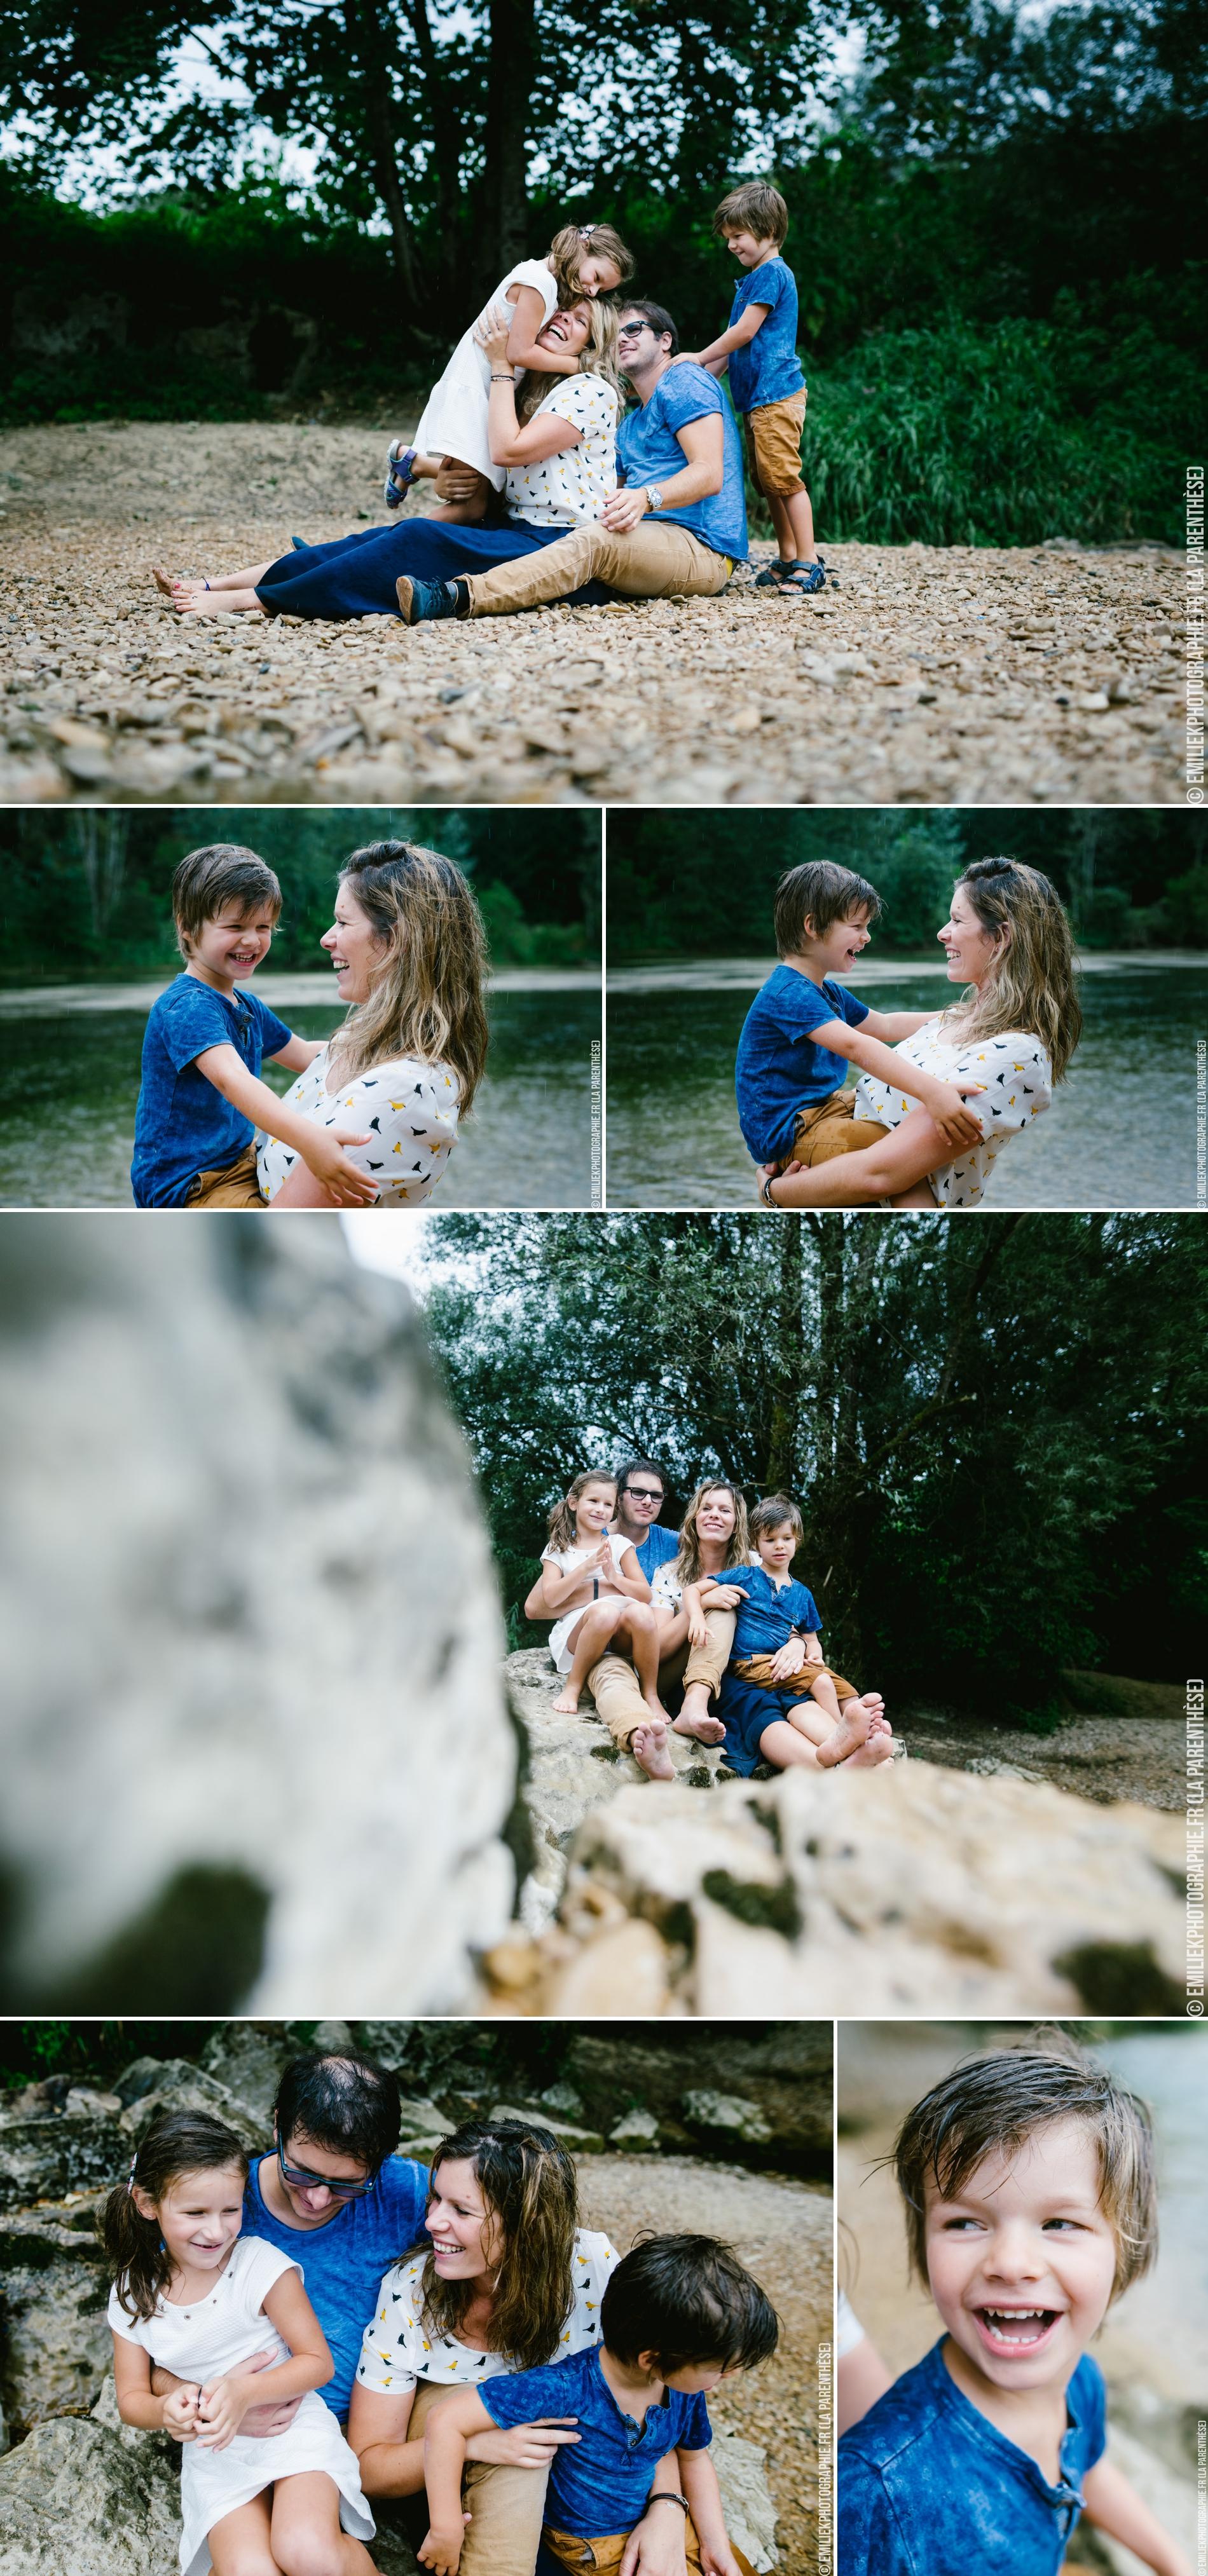 photographe-famille-emiliekphotographie-1